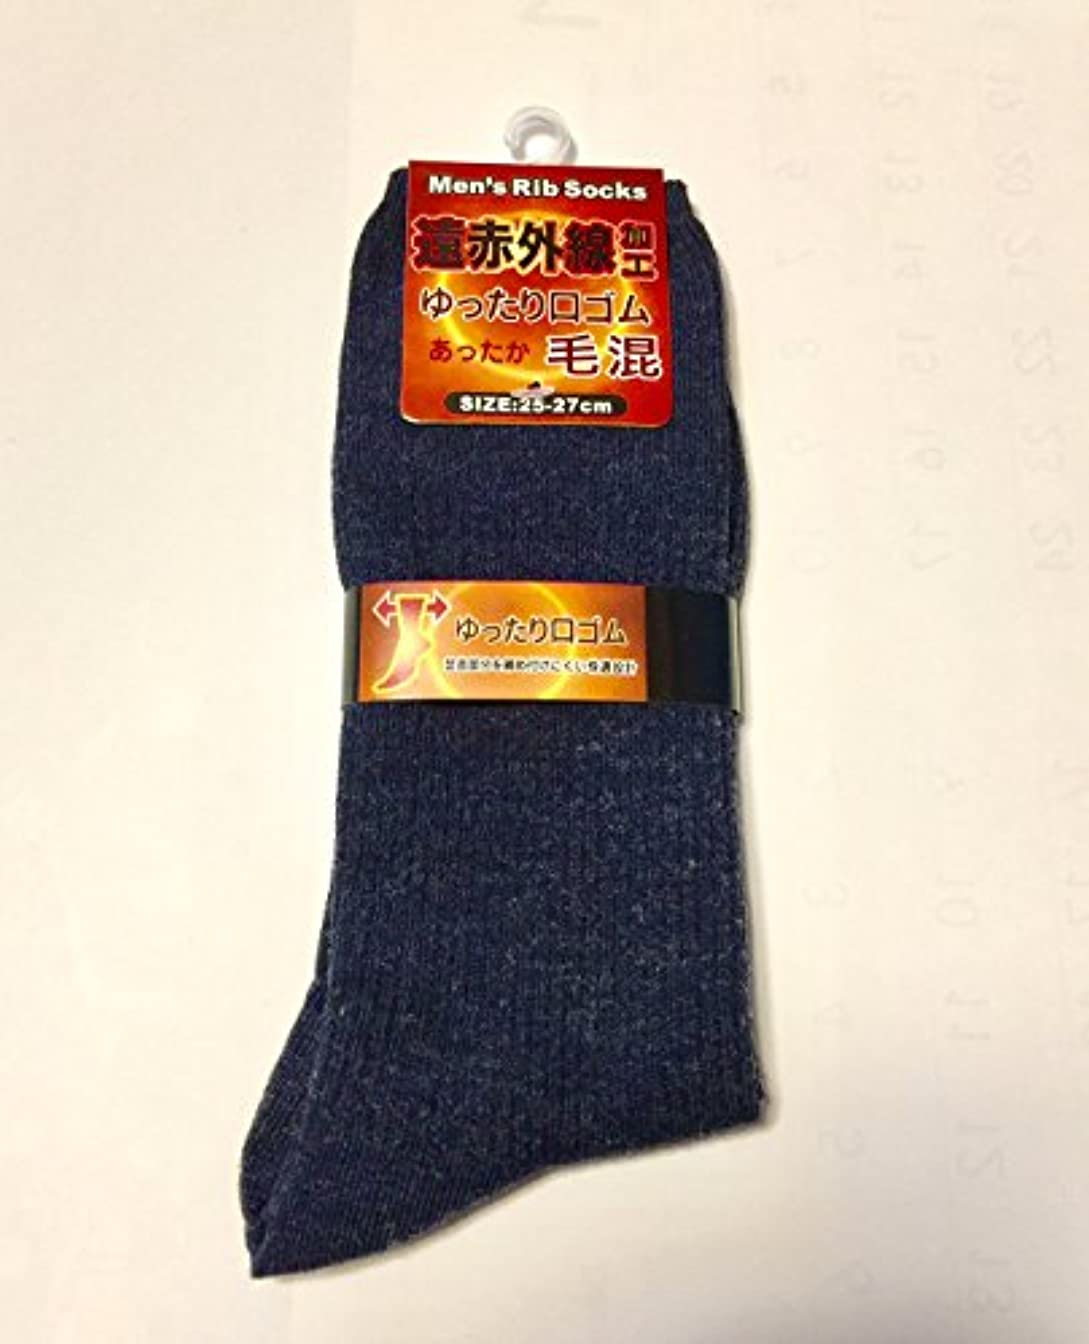 ハッピー用心する磁石靴下 あったか メンズ ビジネス 毛混 ソックス 遠赤外線加工 25-27cm 紺色 お買得4足組